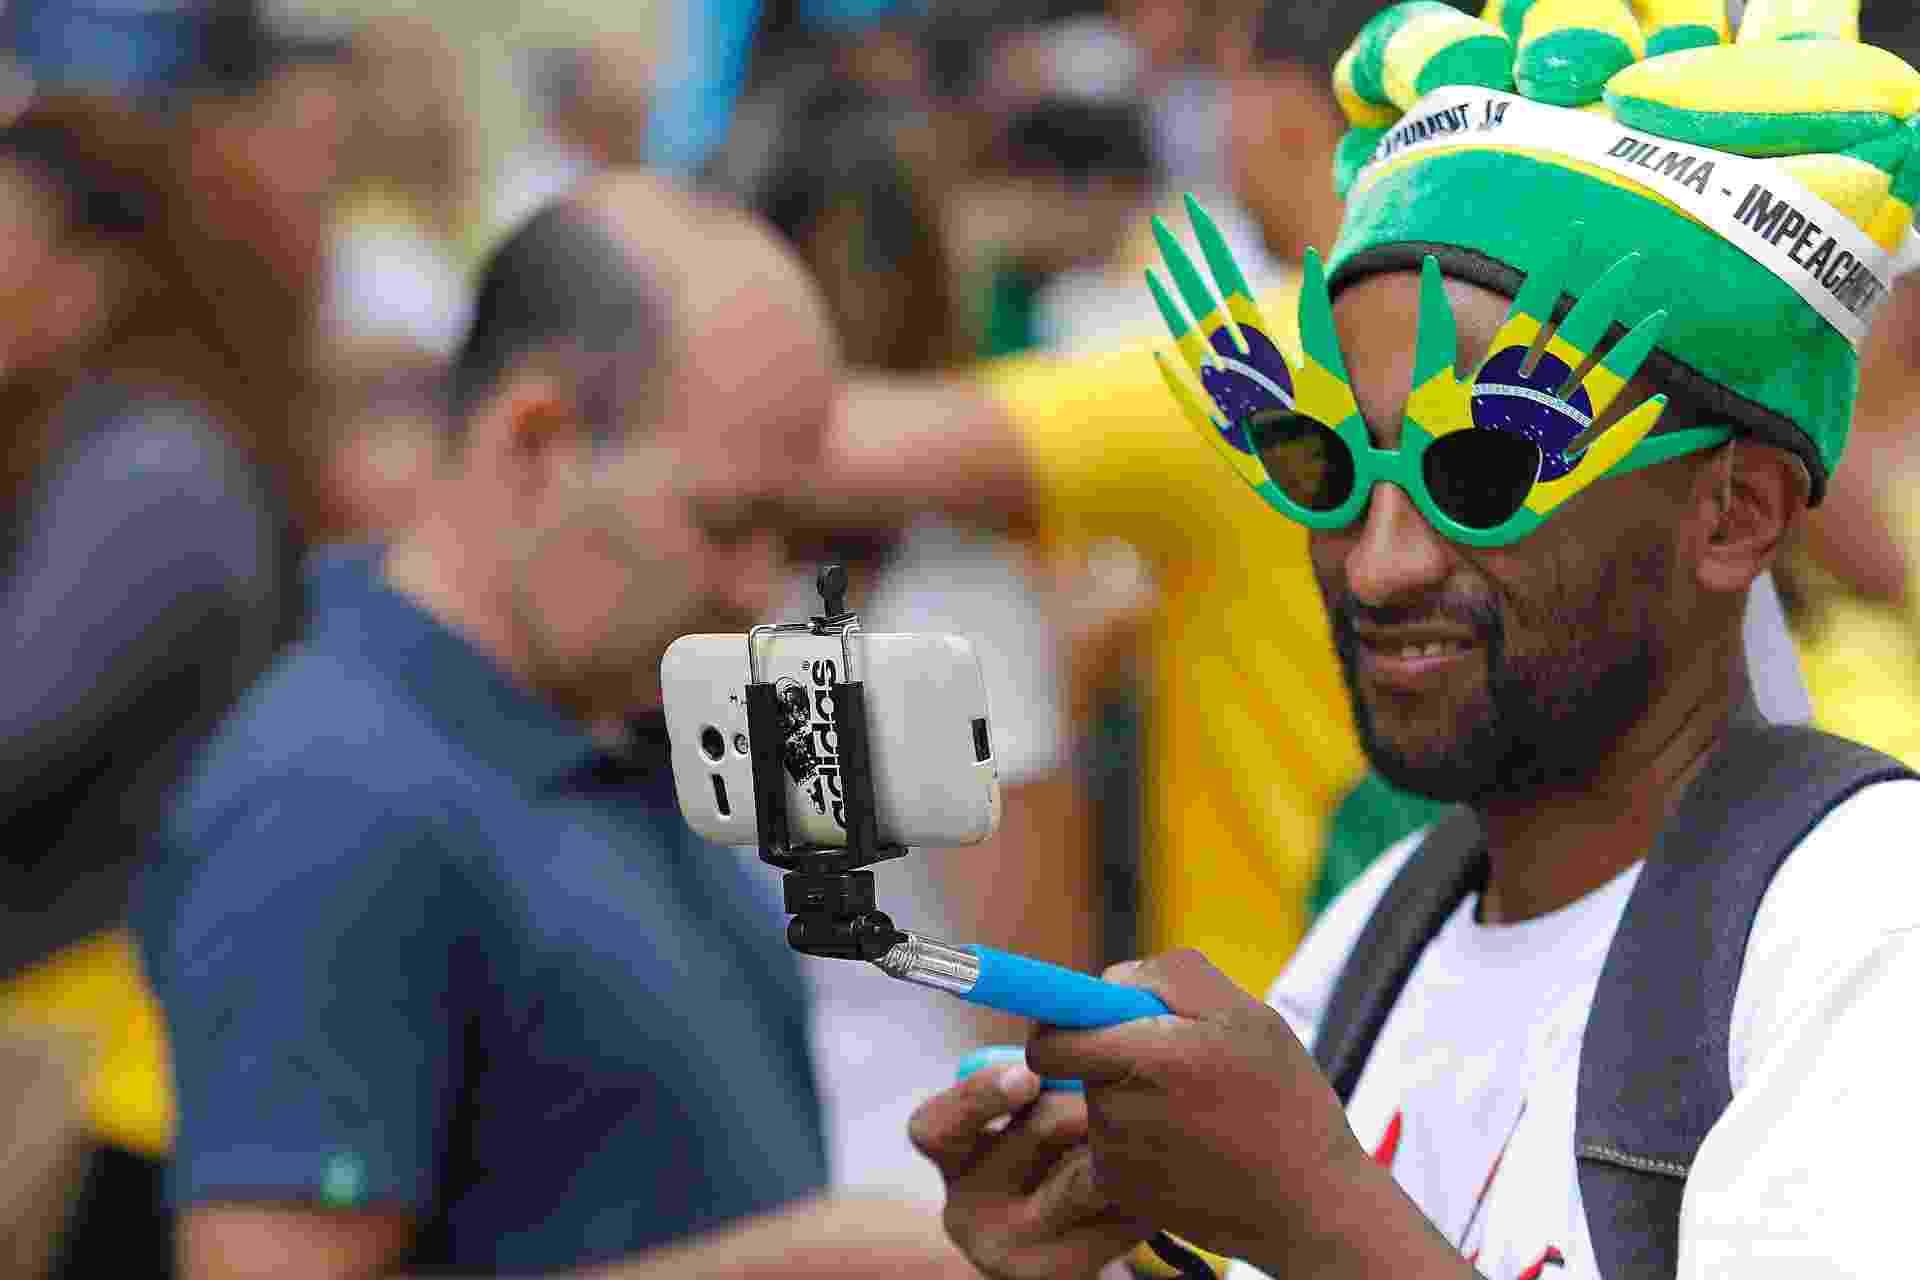 12.abr.2015 - Manifestante usa 'pau de selfie' durante protesto contra o governo da presidente Dilma Rousseff na avenida Paulista, em São Paulo - Reinaldo Canato/UOL